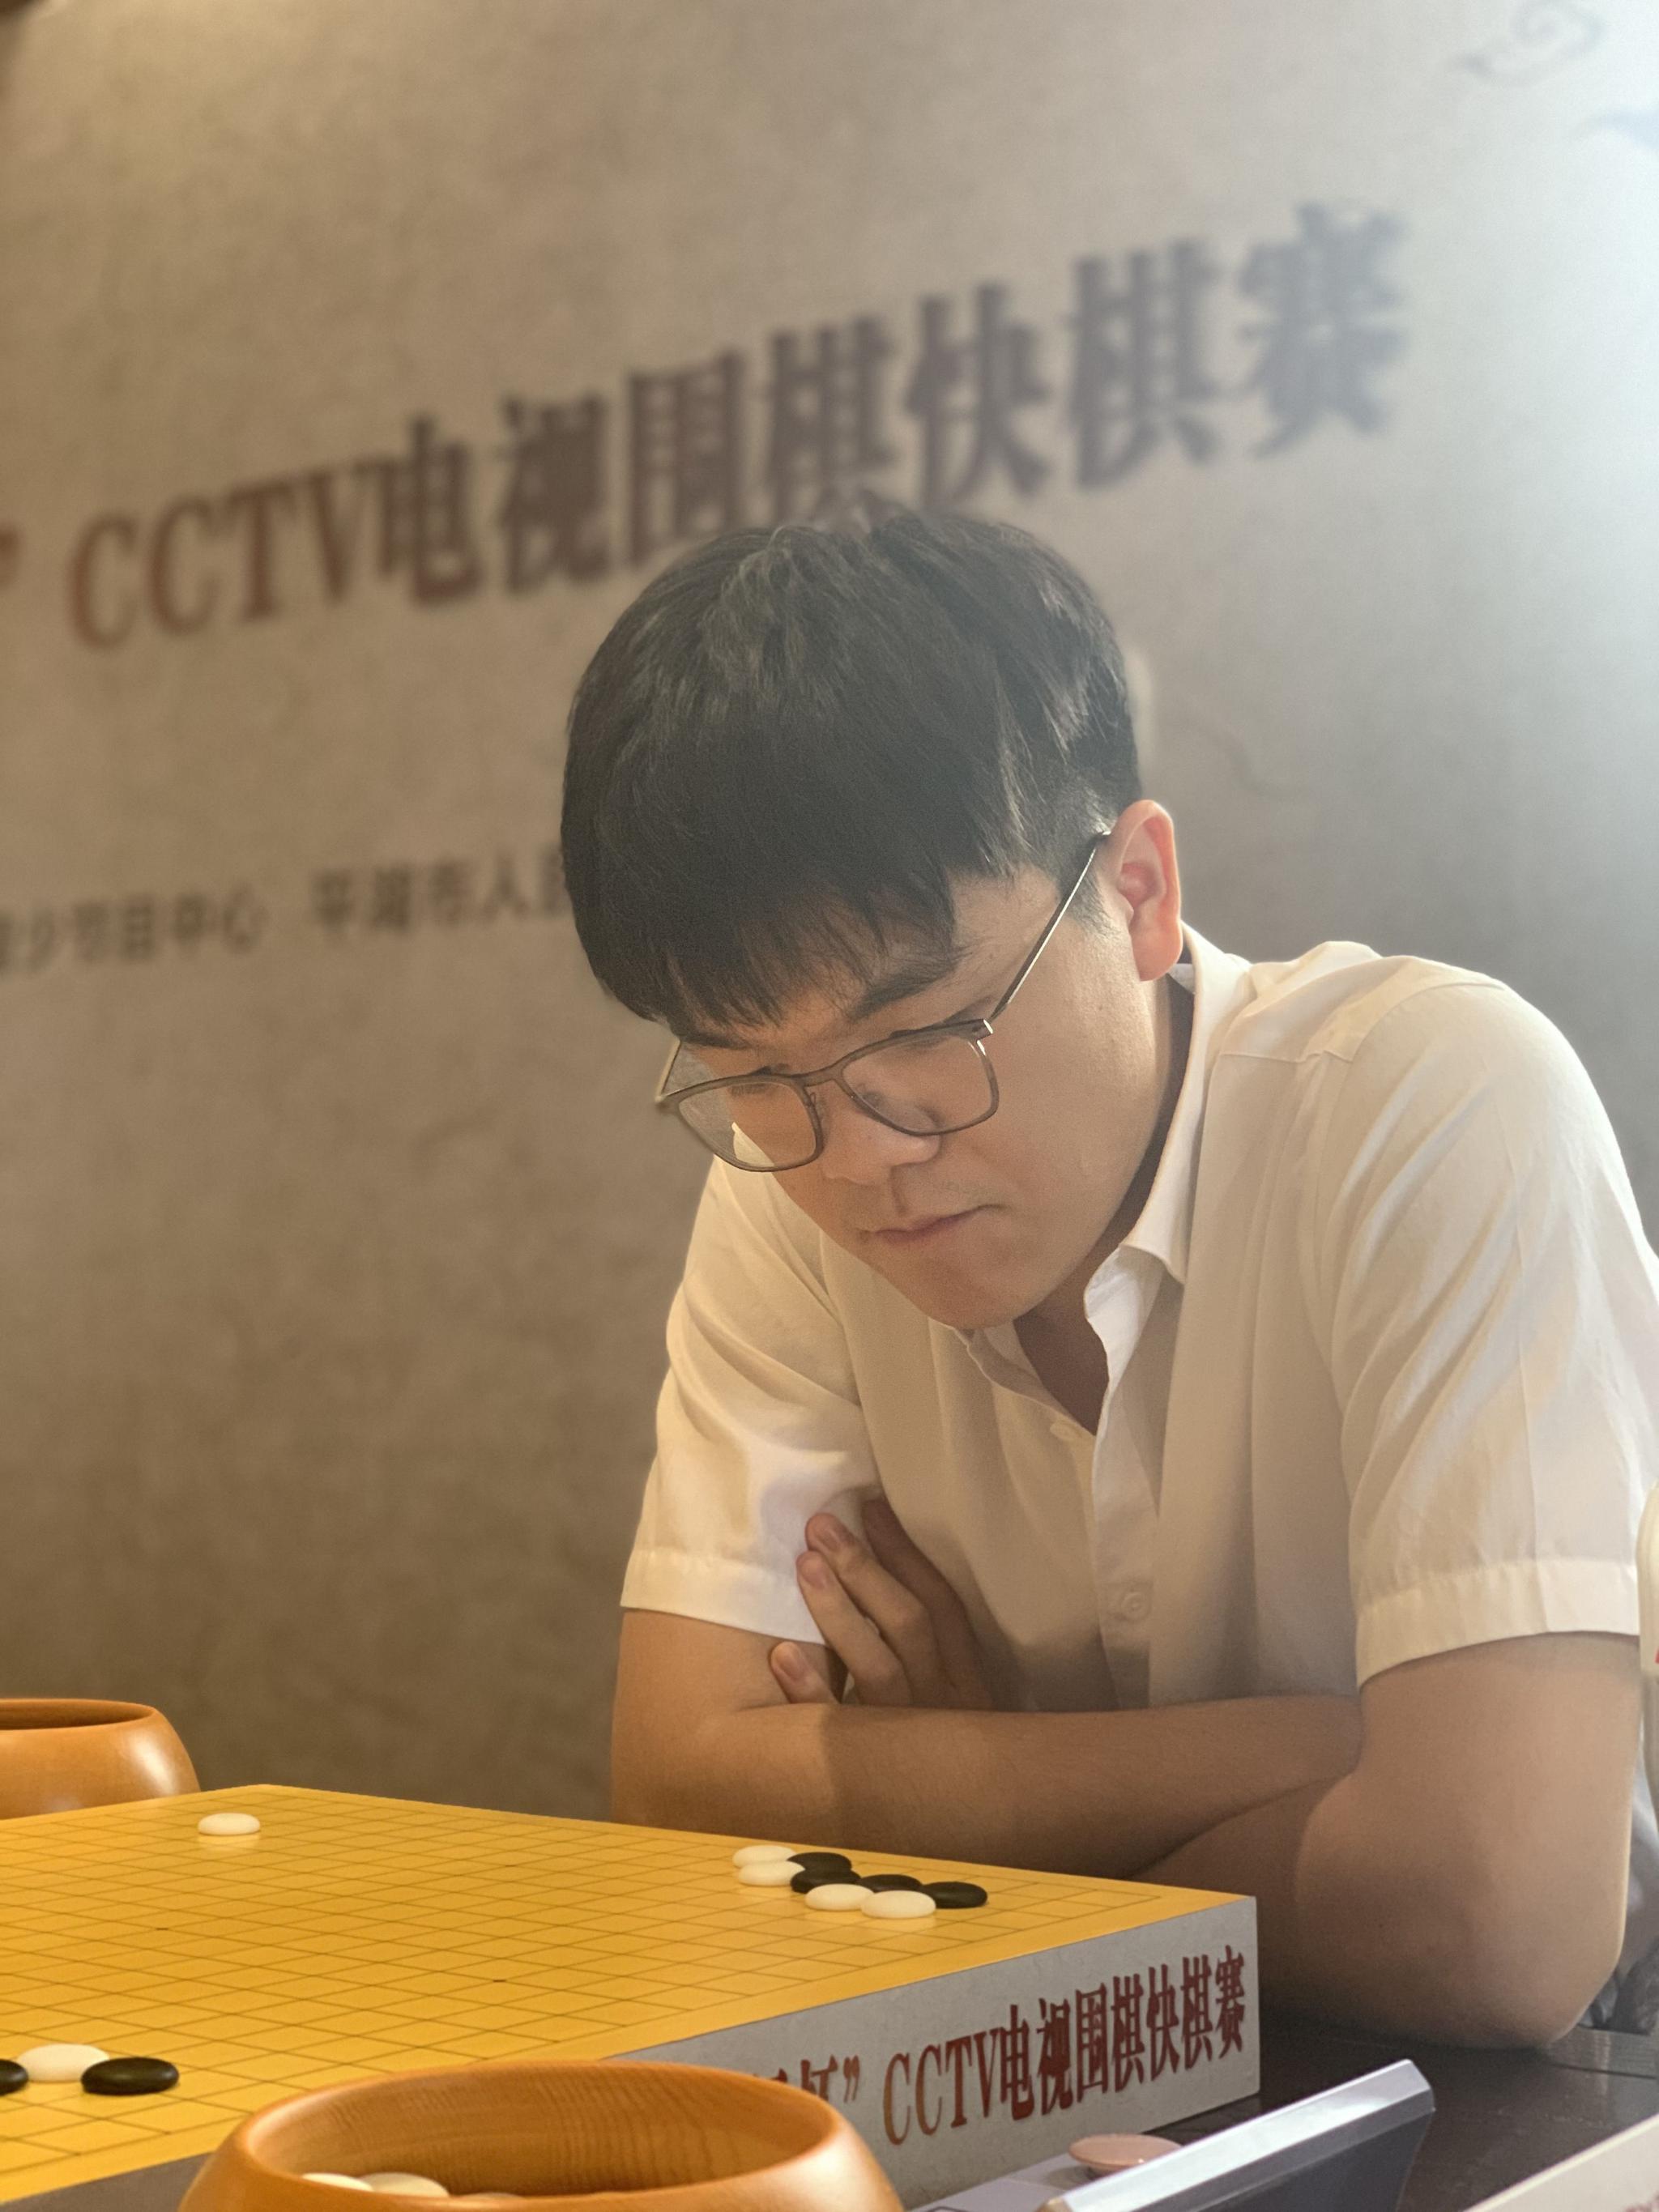 亚洲杯围棋快棋赛_柯洁_柯洁最新消息,新闻,图片,视频_聚合阅读_新浪网